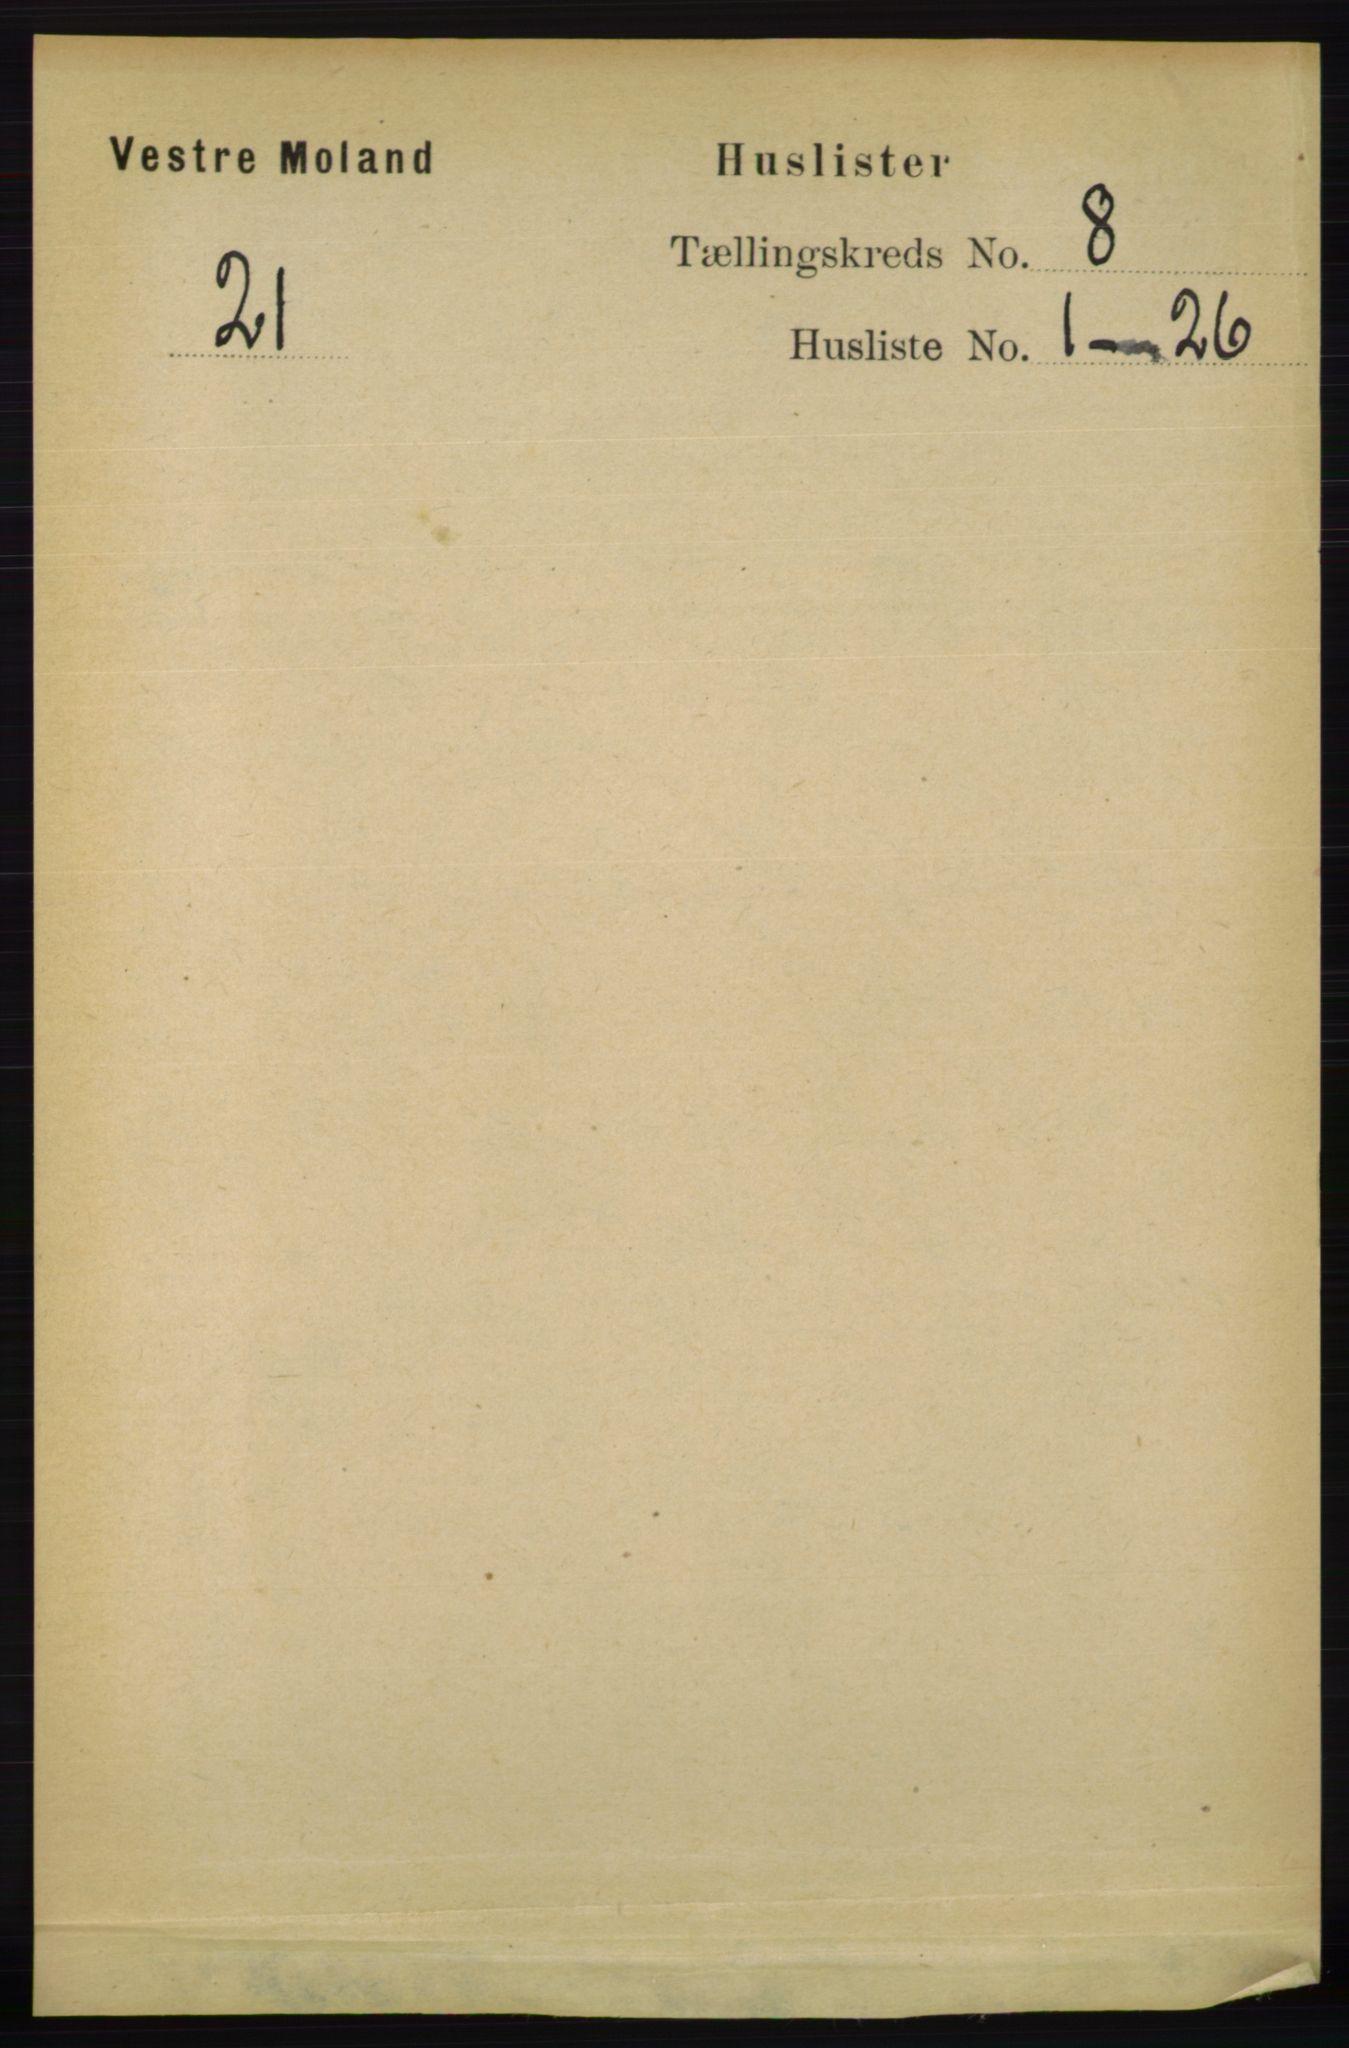 RA, Folketelling 1891 for 0926 Vestre Moland herred, 1891, s. 2969